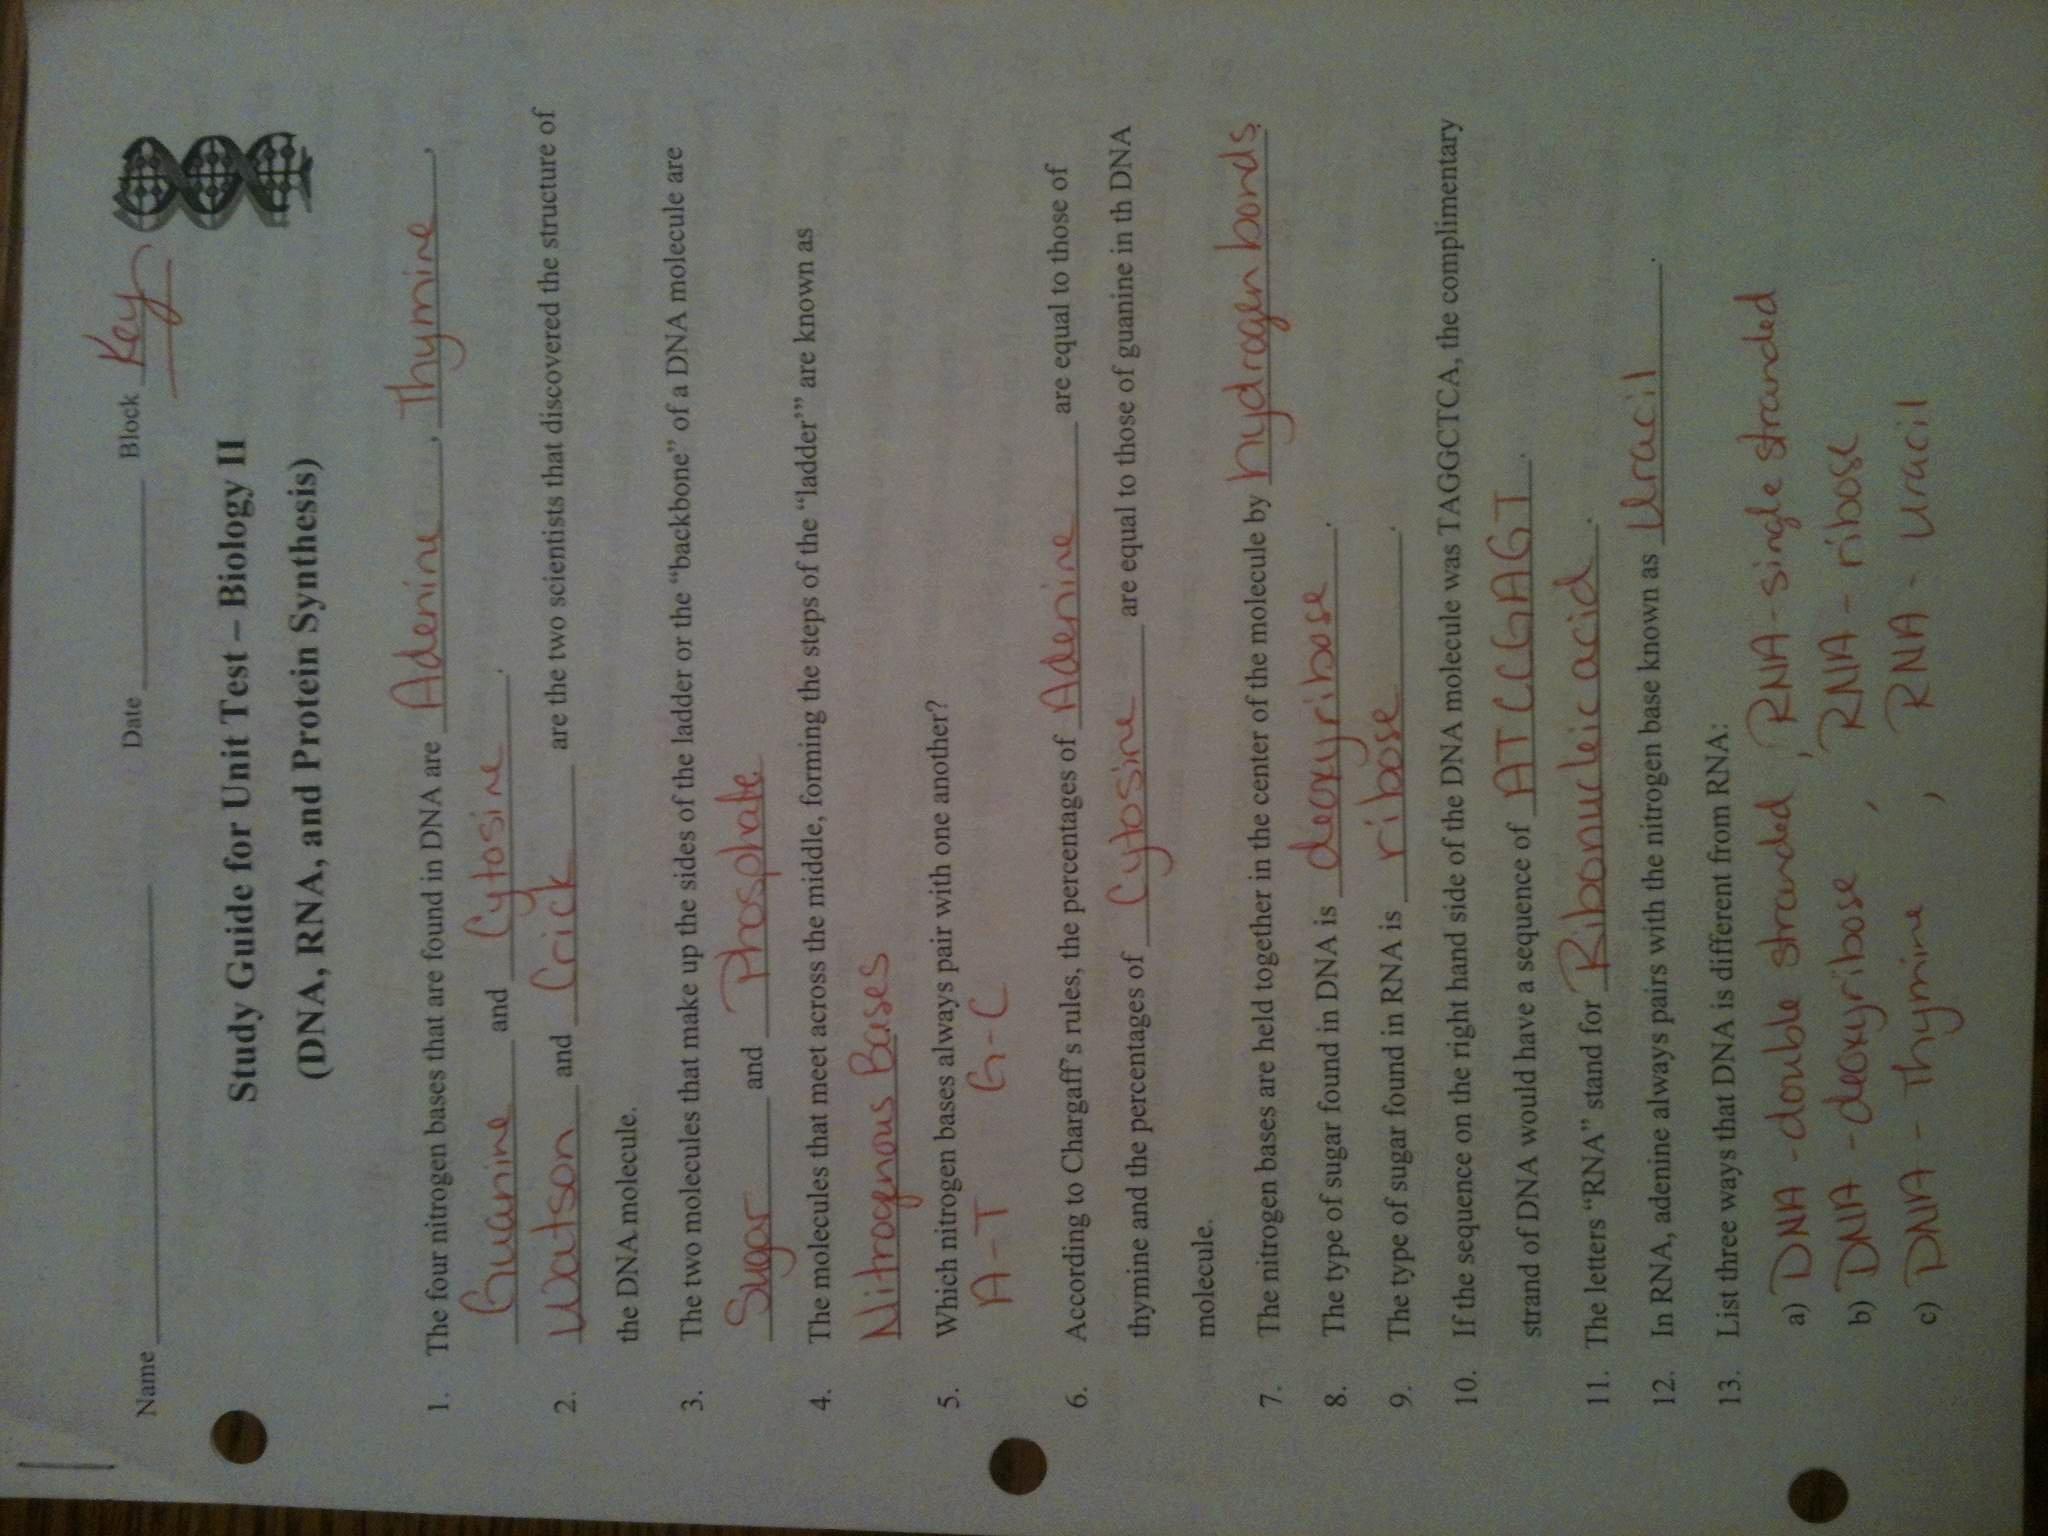 Awesome Collection Of Biology Mr Hoyle Dna Worksheet Images Regarding Dna Worksheet Answer Key Mr Hoyle